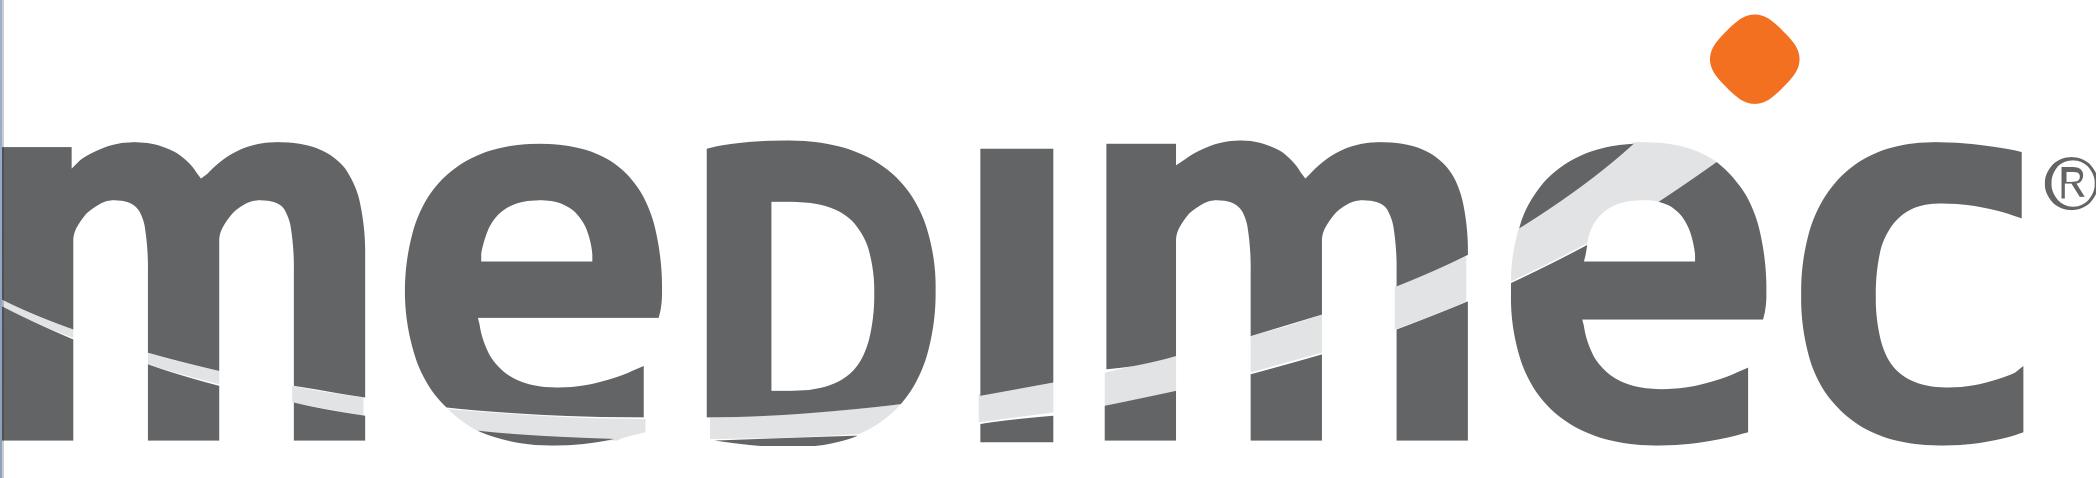 Logo Medimec - Officine-Ortopediche.com